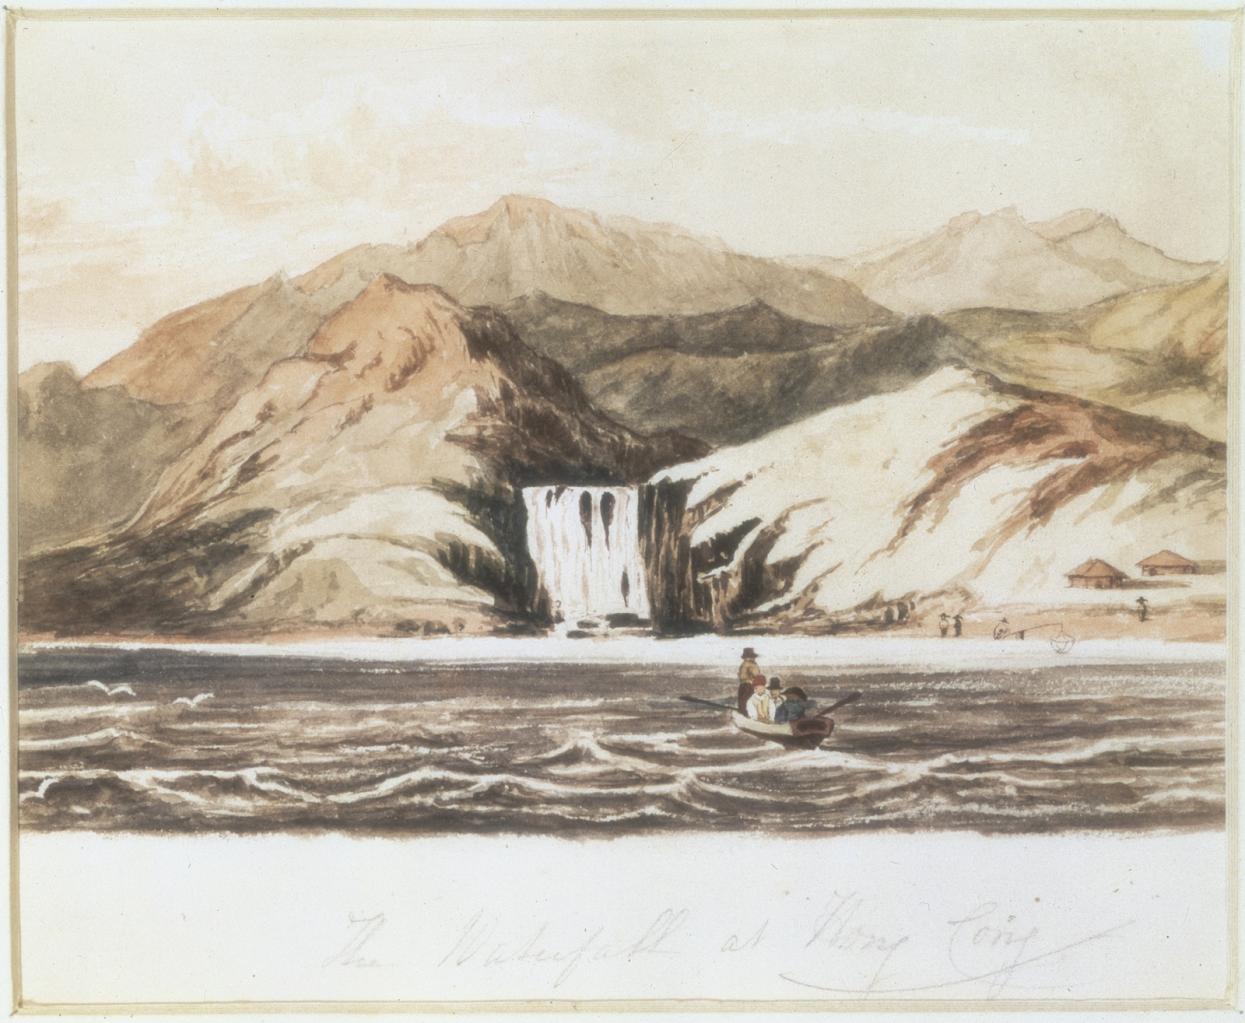 威廉.哈维《香港仔附近的瀑布》的图片